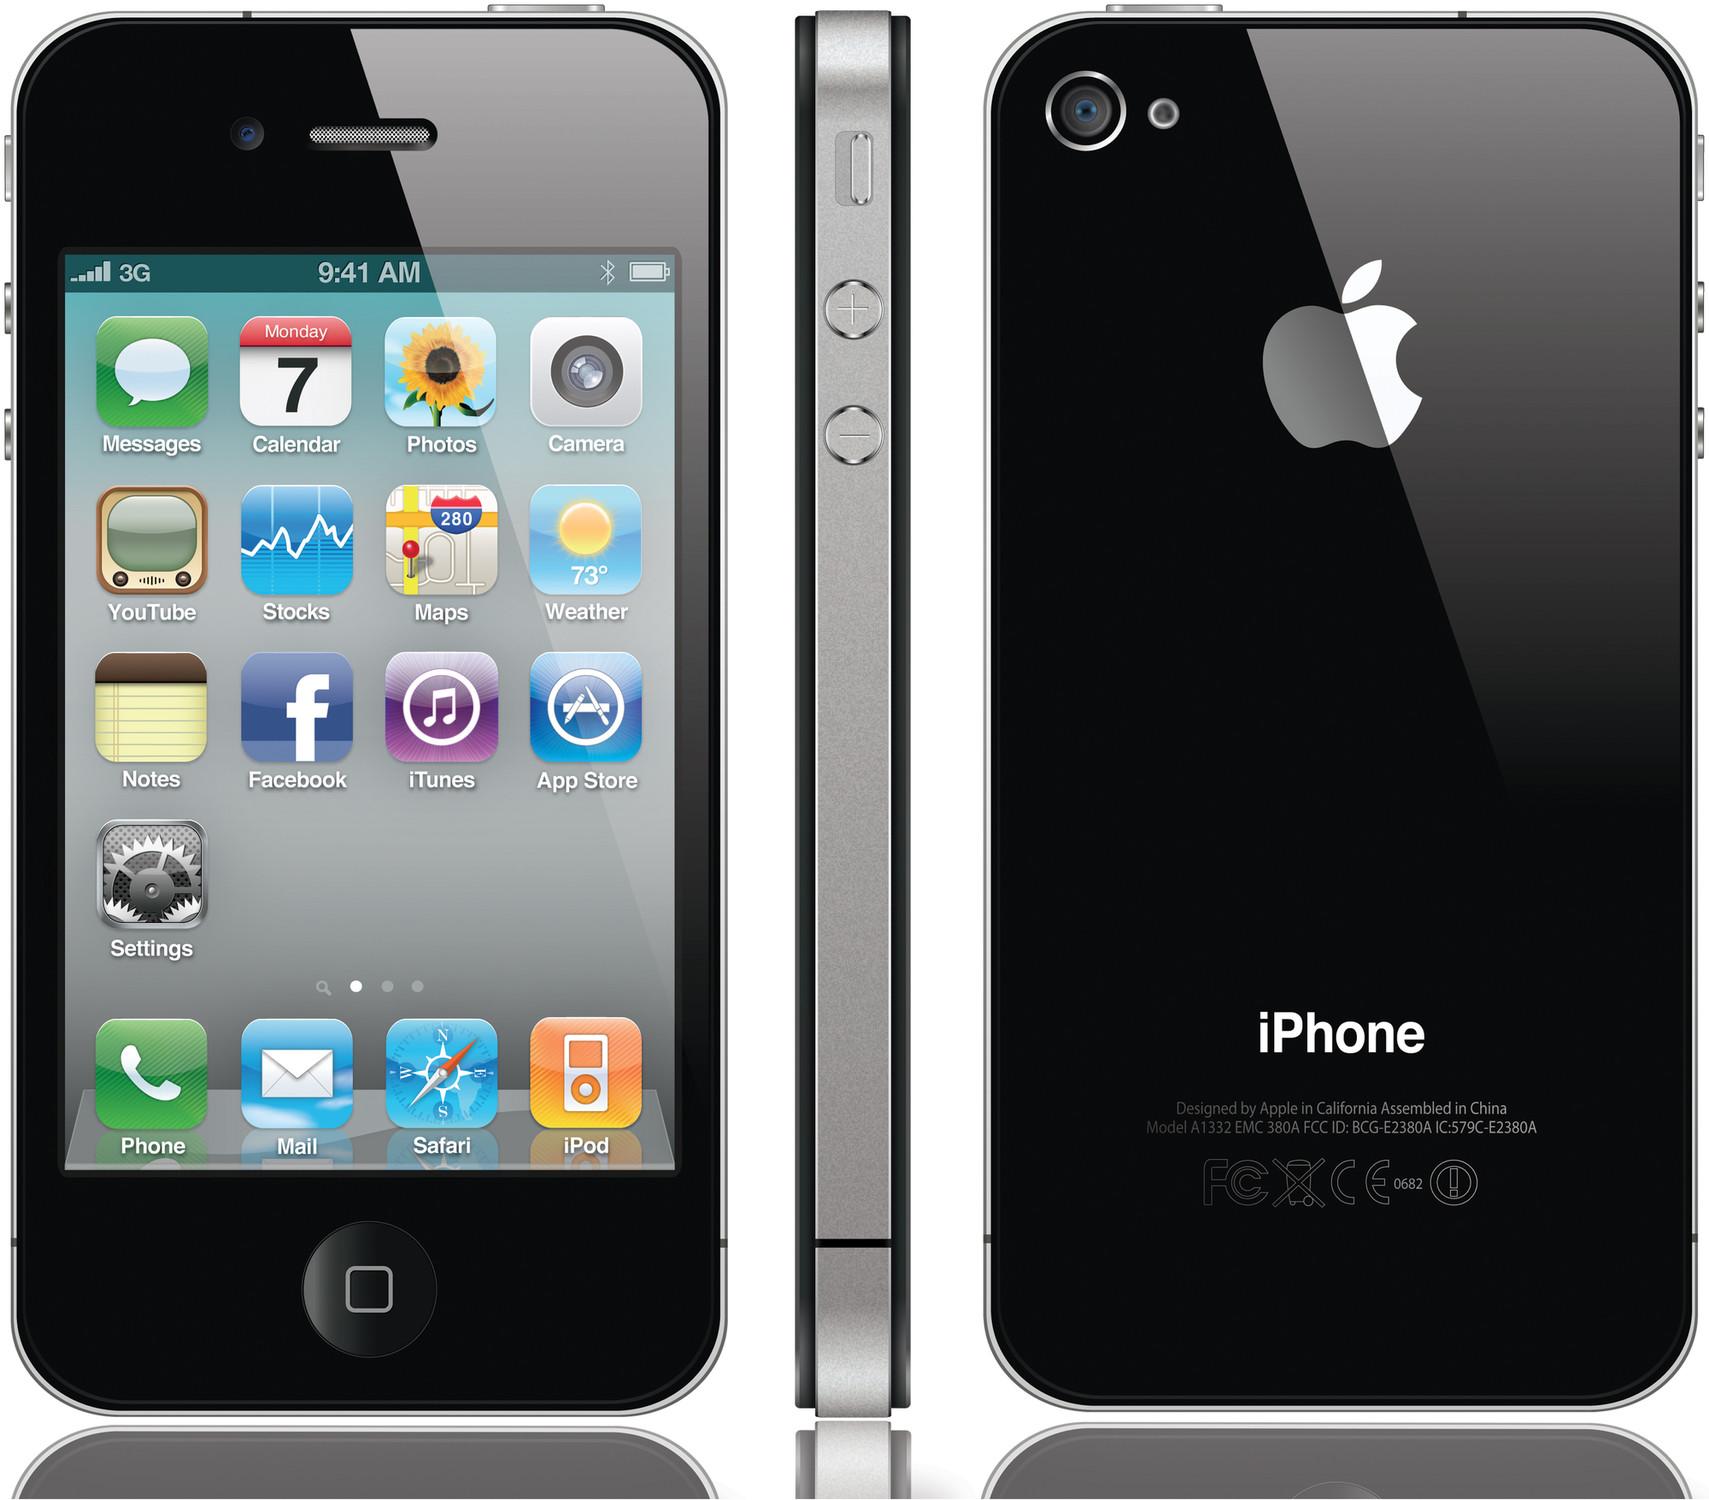 Luxus s malým defektem, iPhone 4 byl přijat i přes velmi rozpačité vady velmi dobře